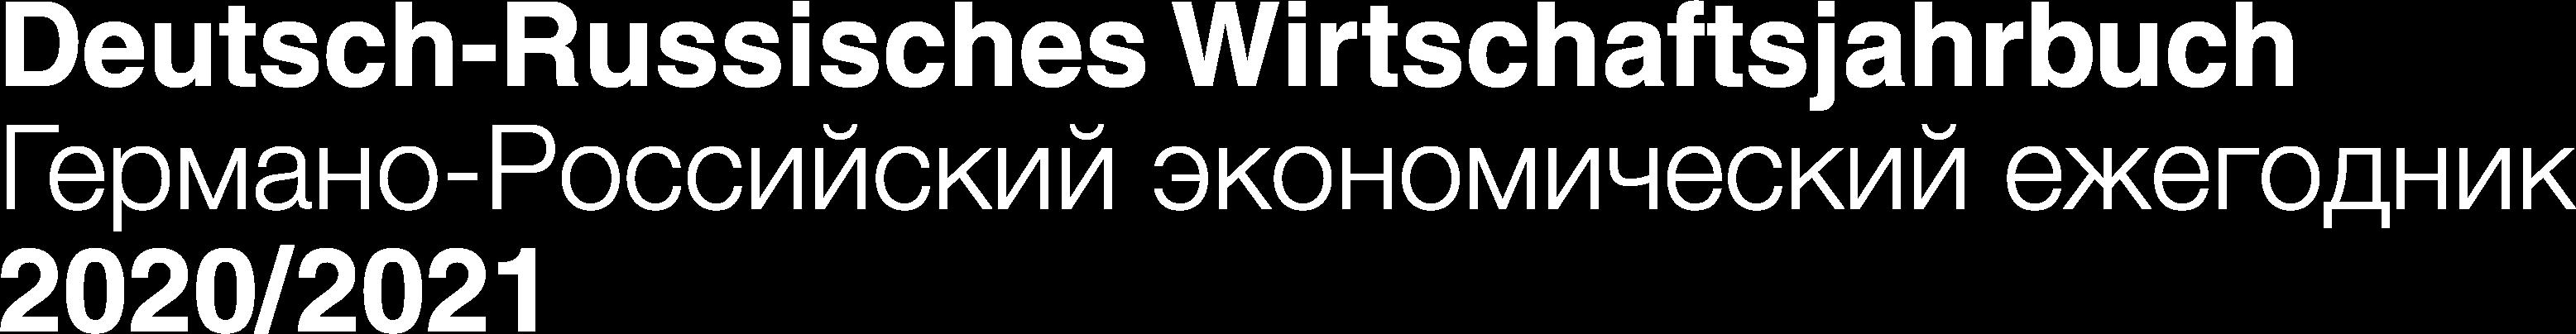 https://owc.de/wp-content/uploads/2020/04/Unbenannt-3.png